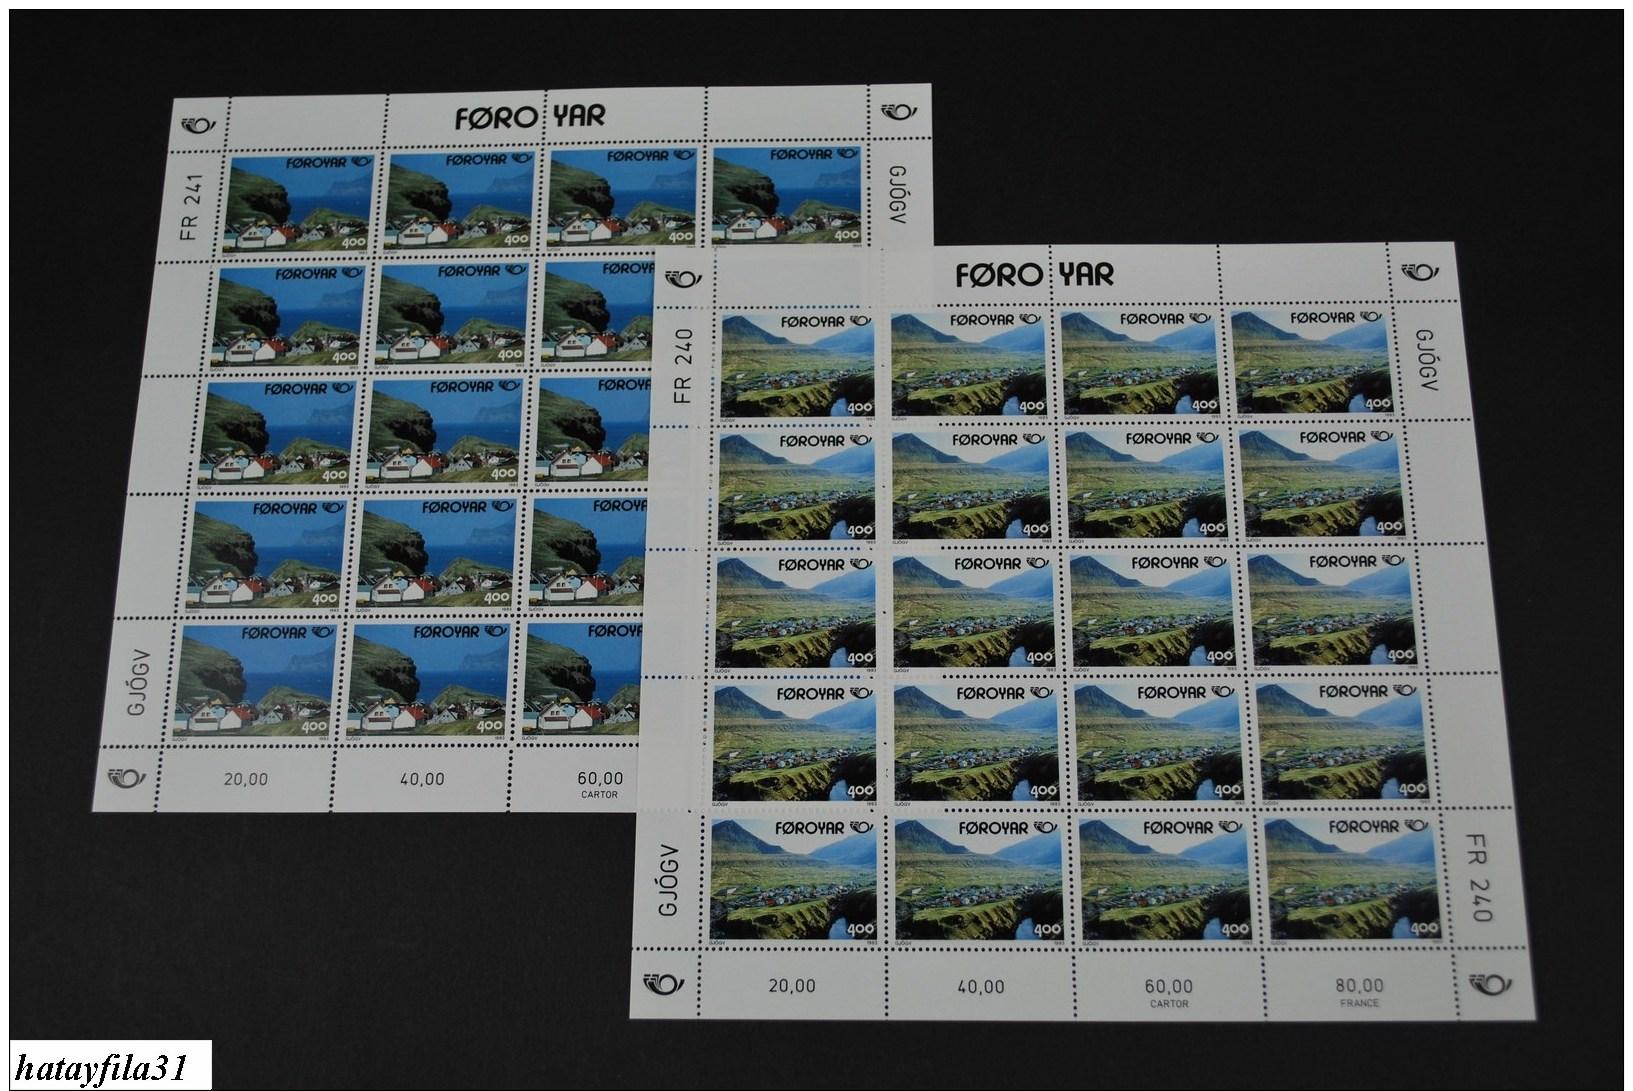 Färöer Inseln 1993 NORDEN - Mi. 246 - 247 ** Bogensatz / Touristische Attraktionen - (Box - 4) - Féroé (Iles)